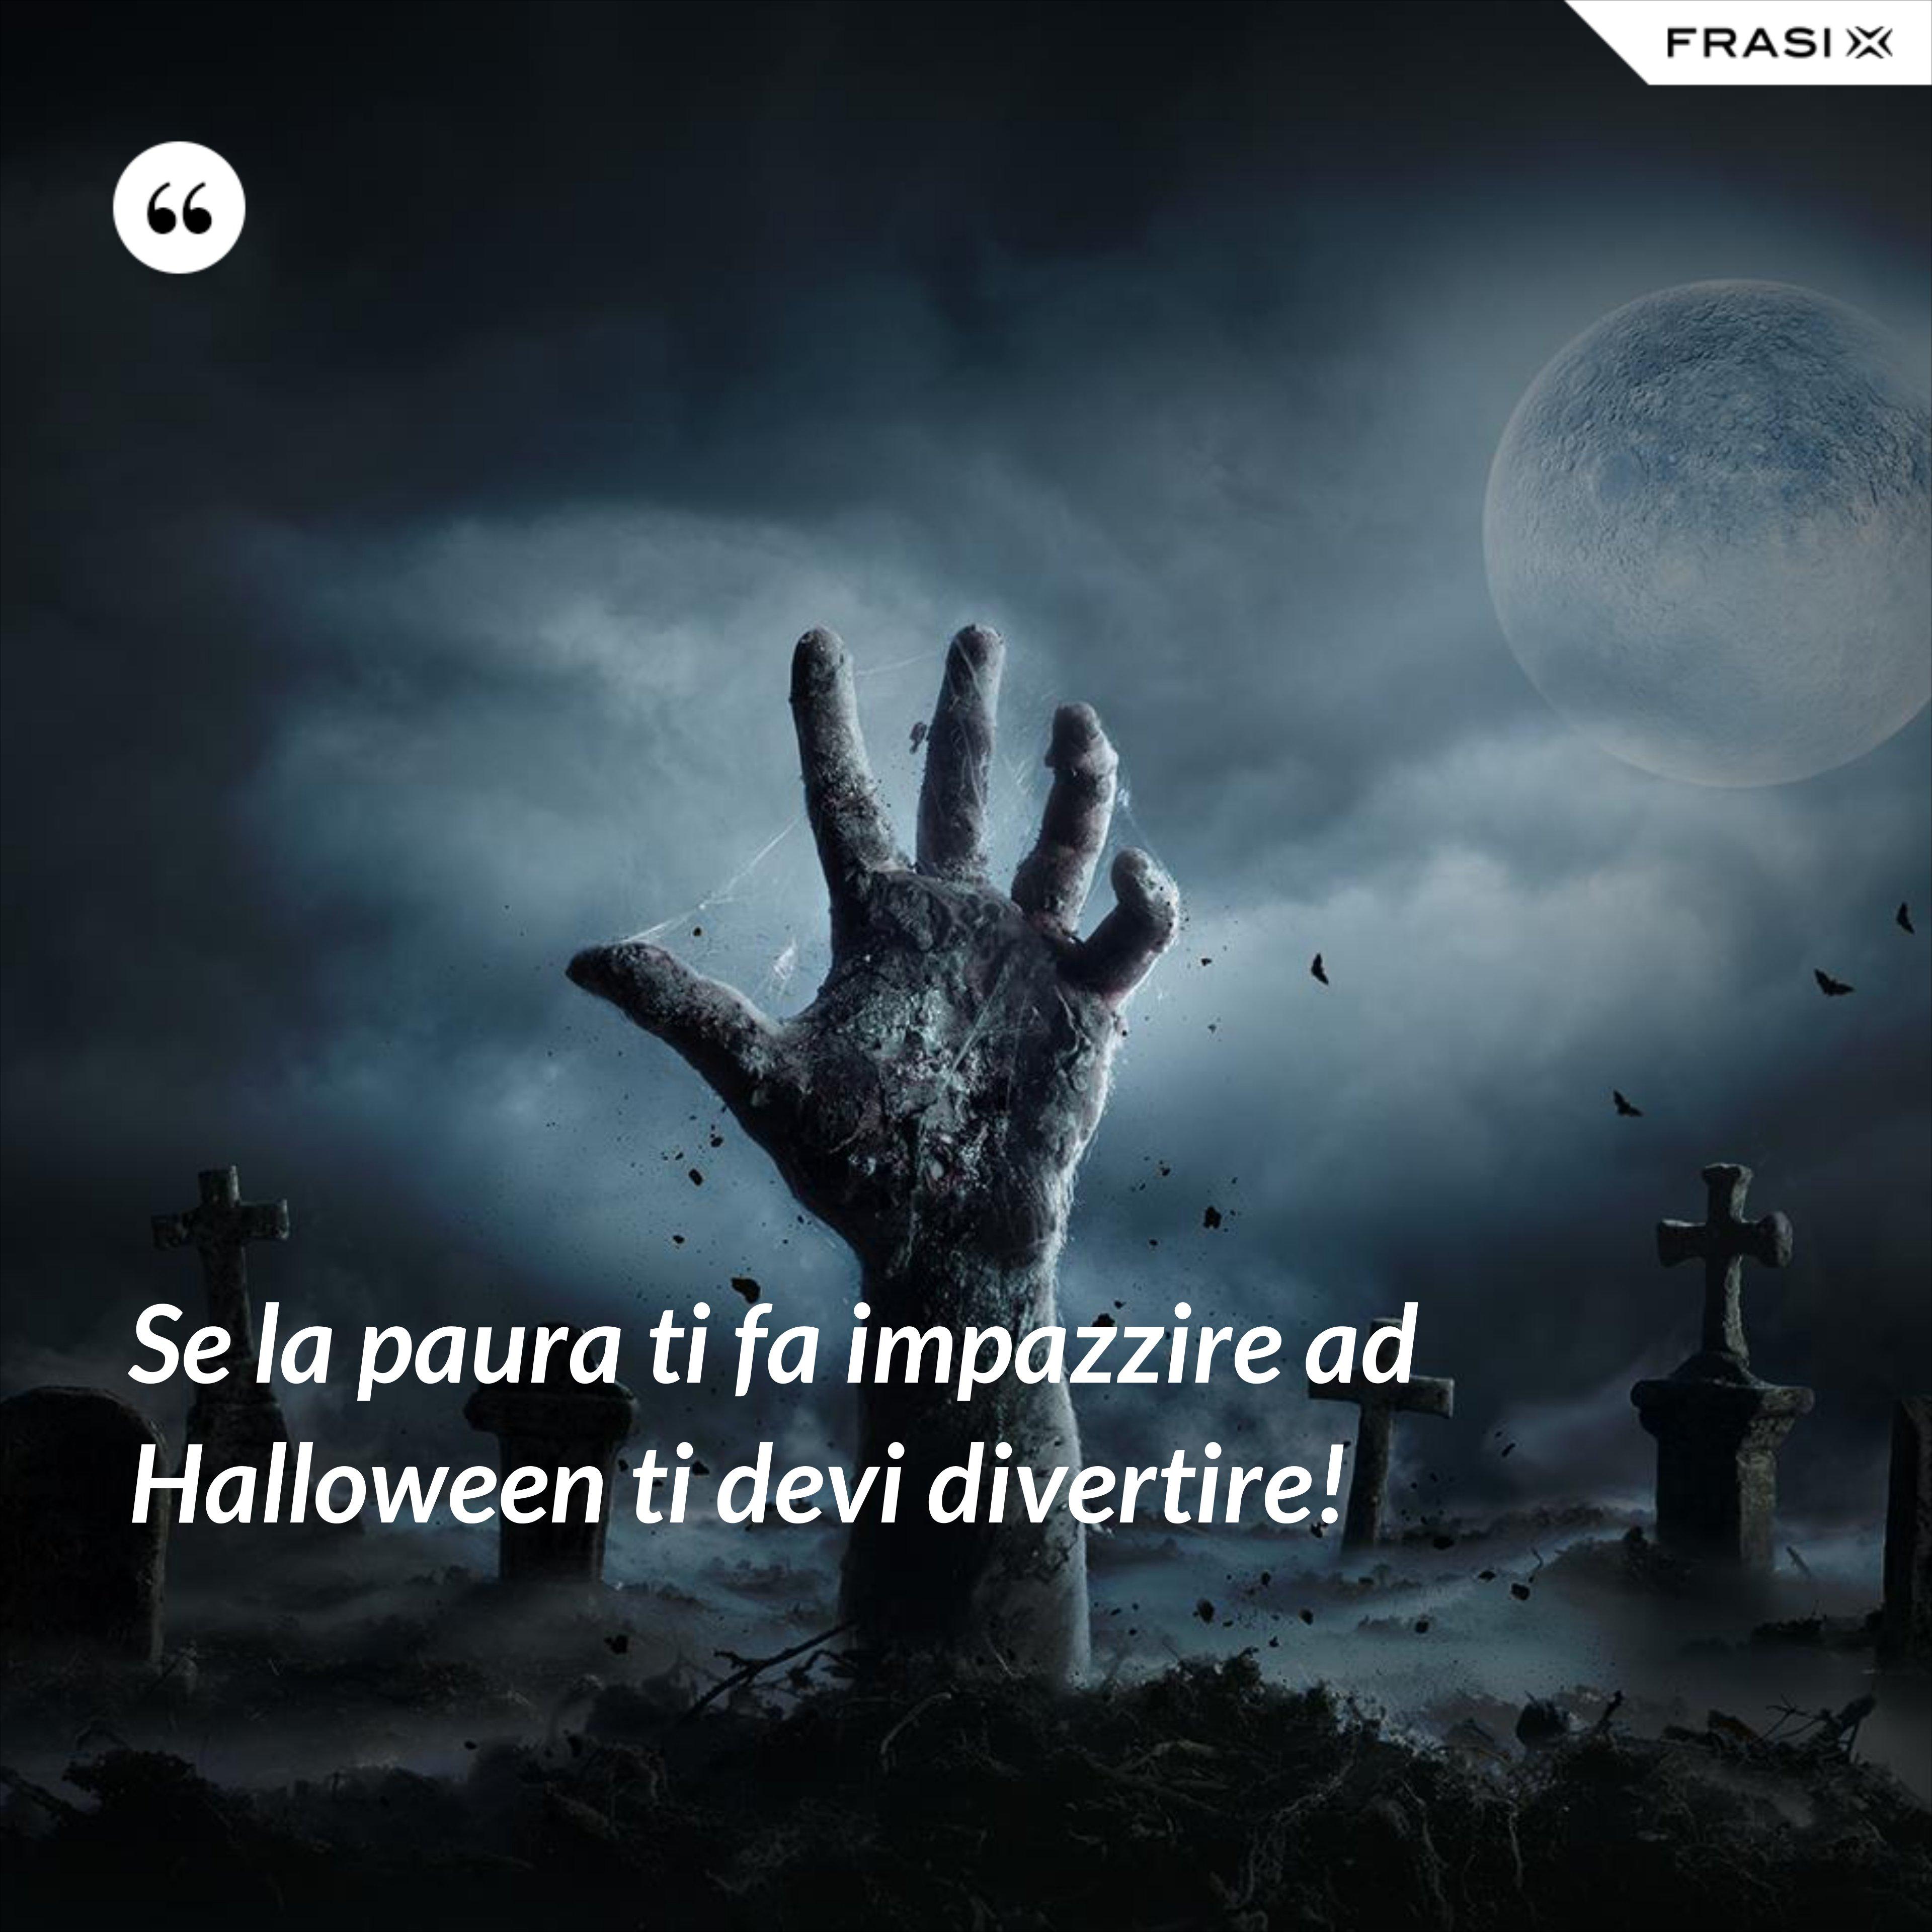 Se la paura ti fa impazzire ad Halloween ti devi divertire! - Anonimo